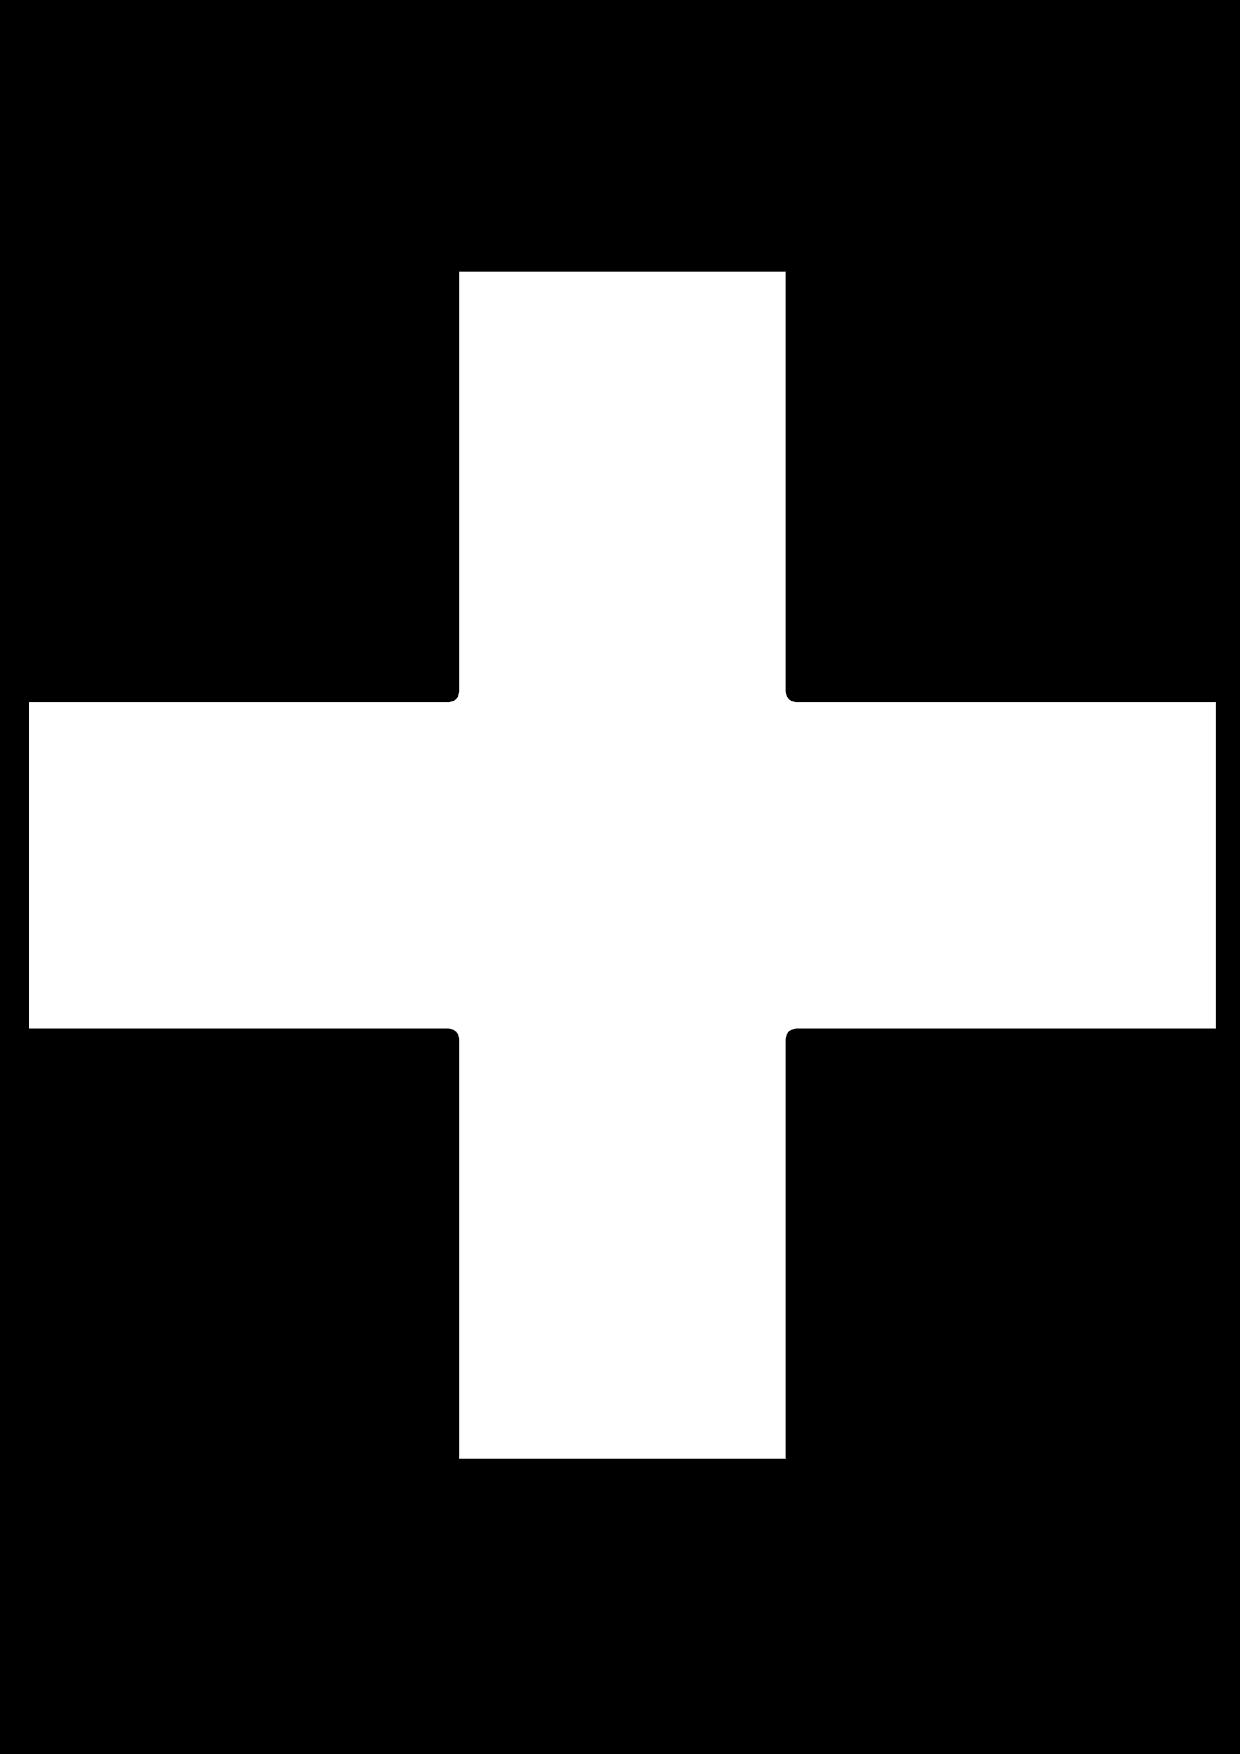 Cruz griega para colorear como la cruz roja o cruz verde de las farmacias